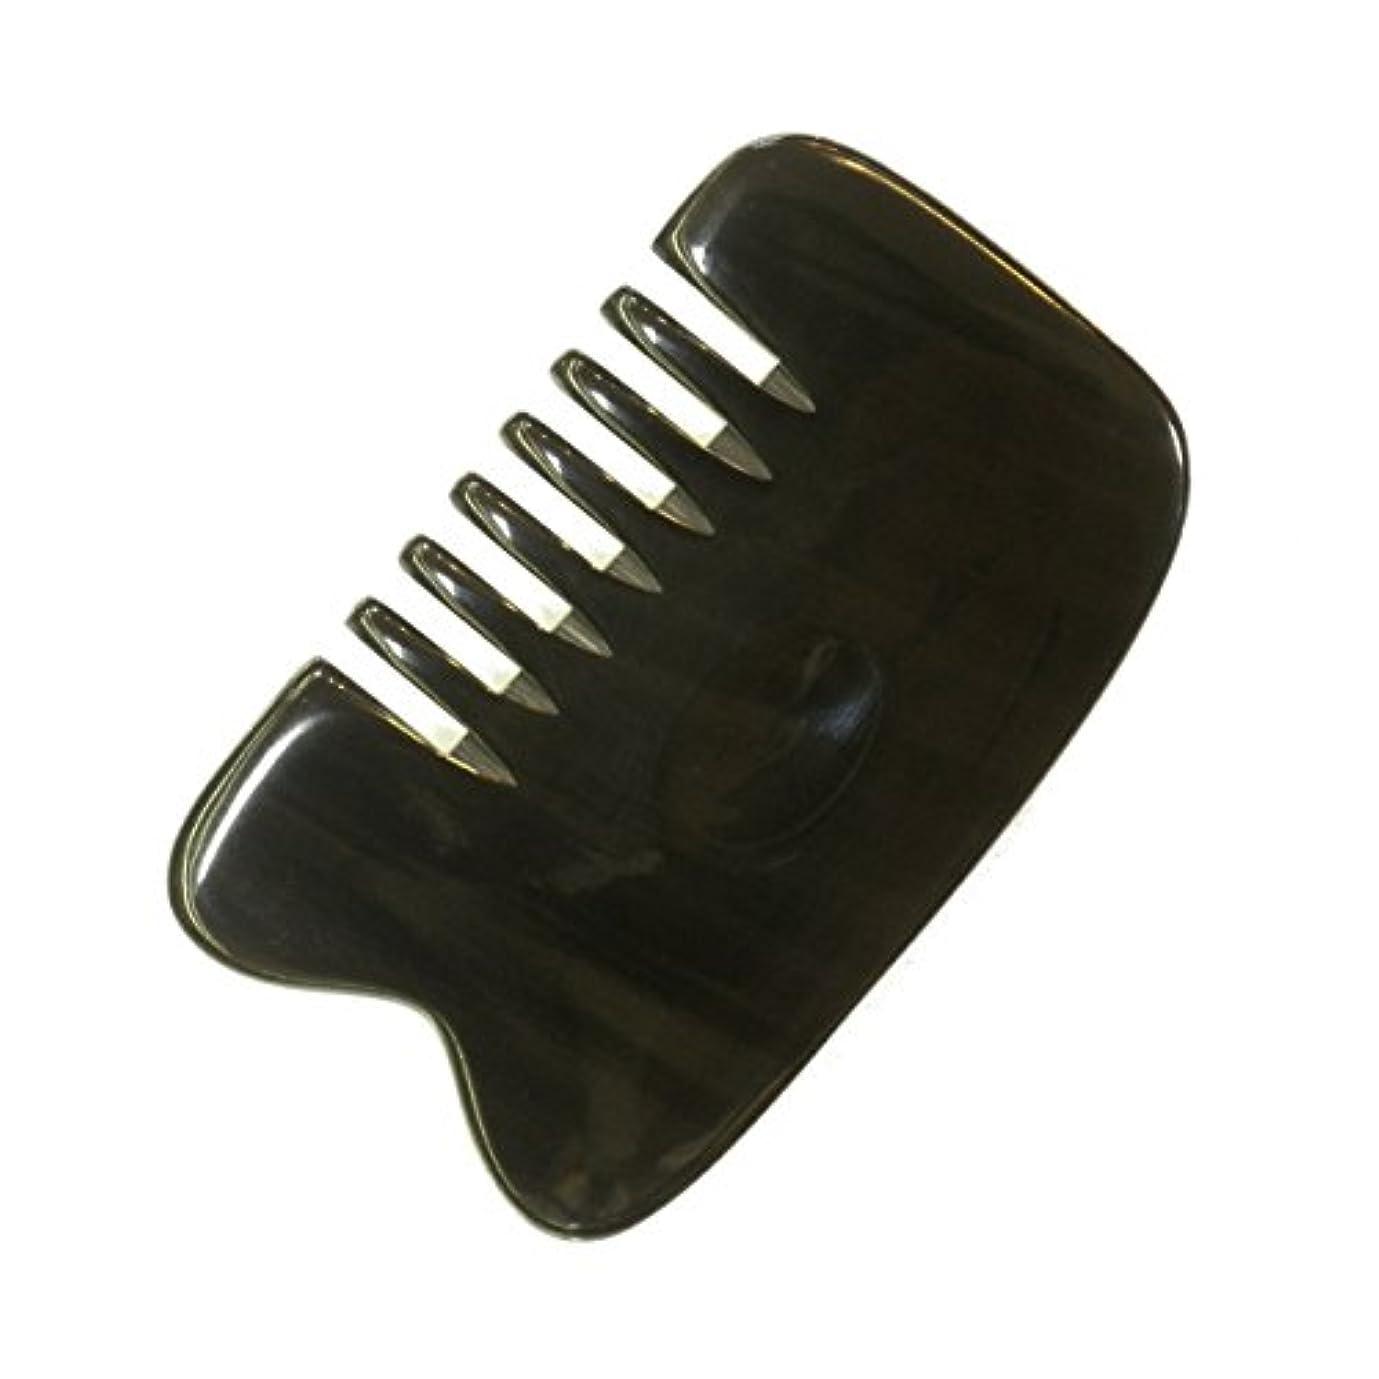 調整可能ケーブルカー活気づくかっさ プレート 厚さが選べる 水牛の角(黒水牛角) EHE221SP 櫛型 特級品 少し厚め(7ミリ程度)